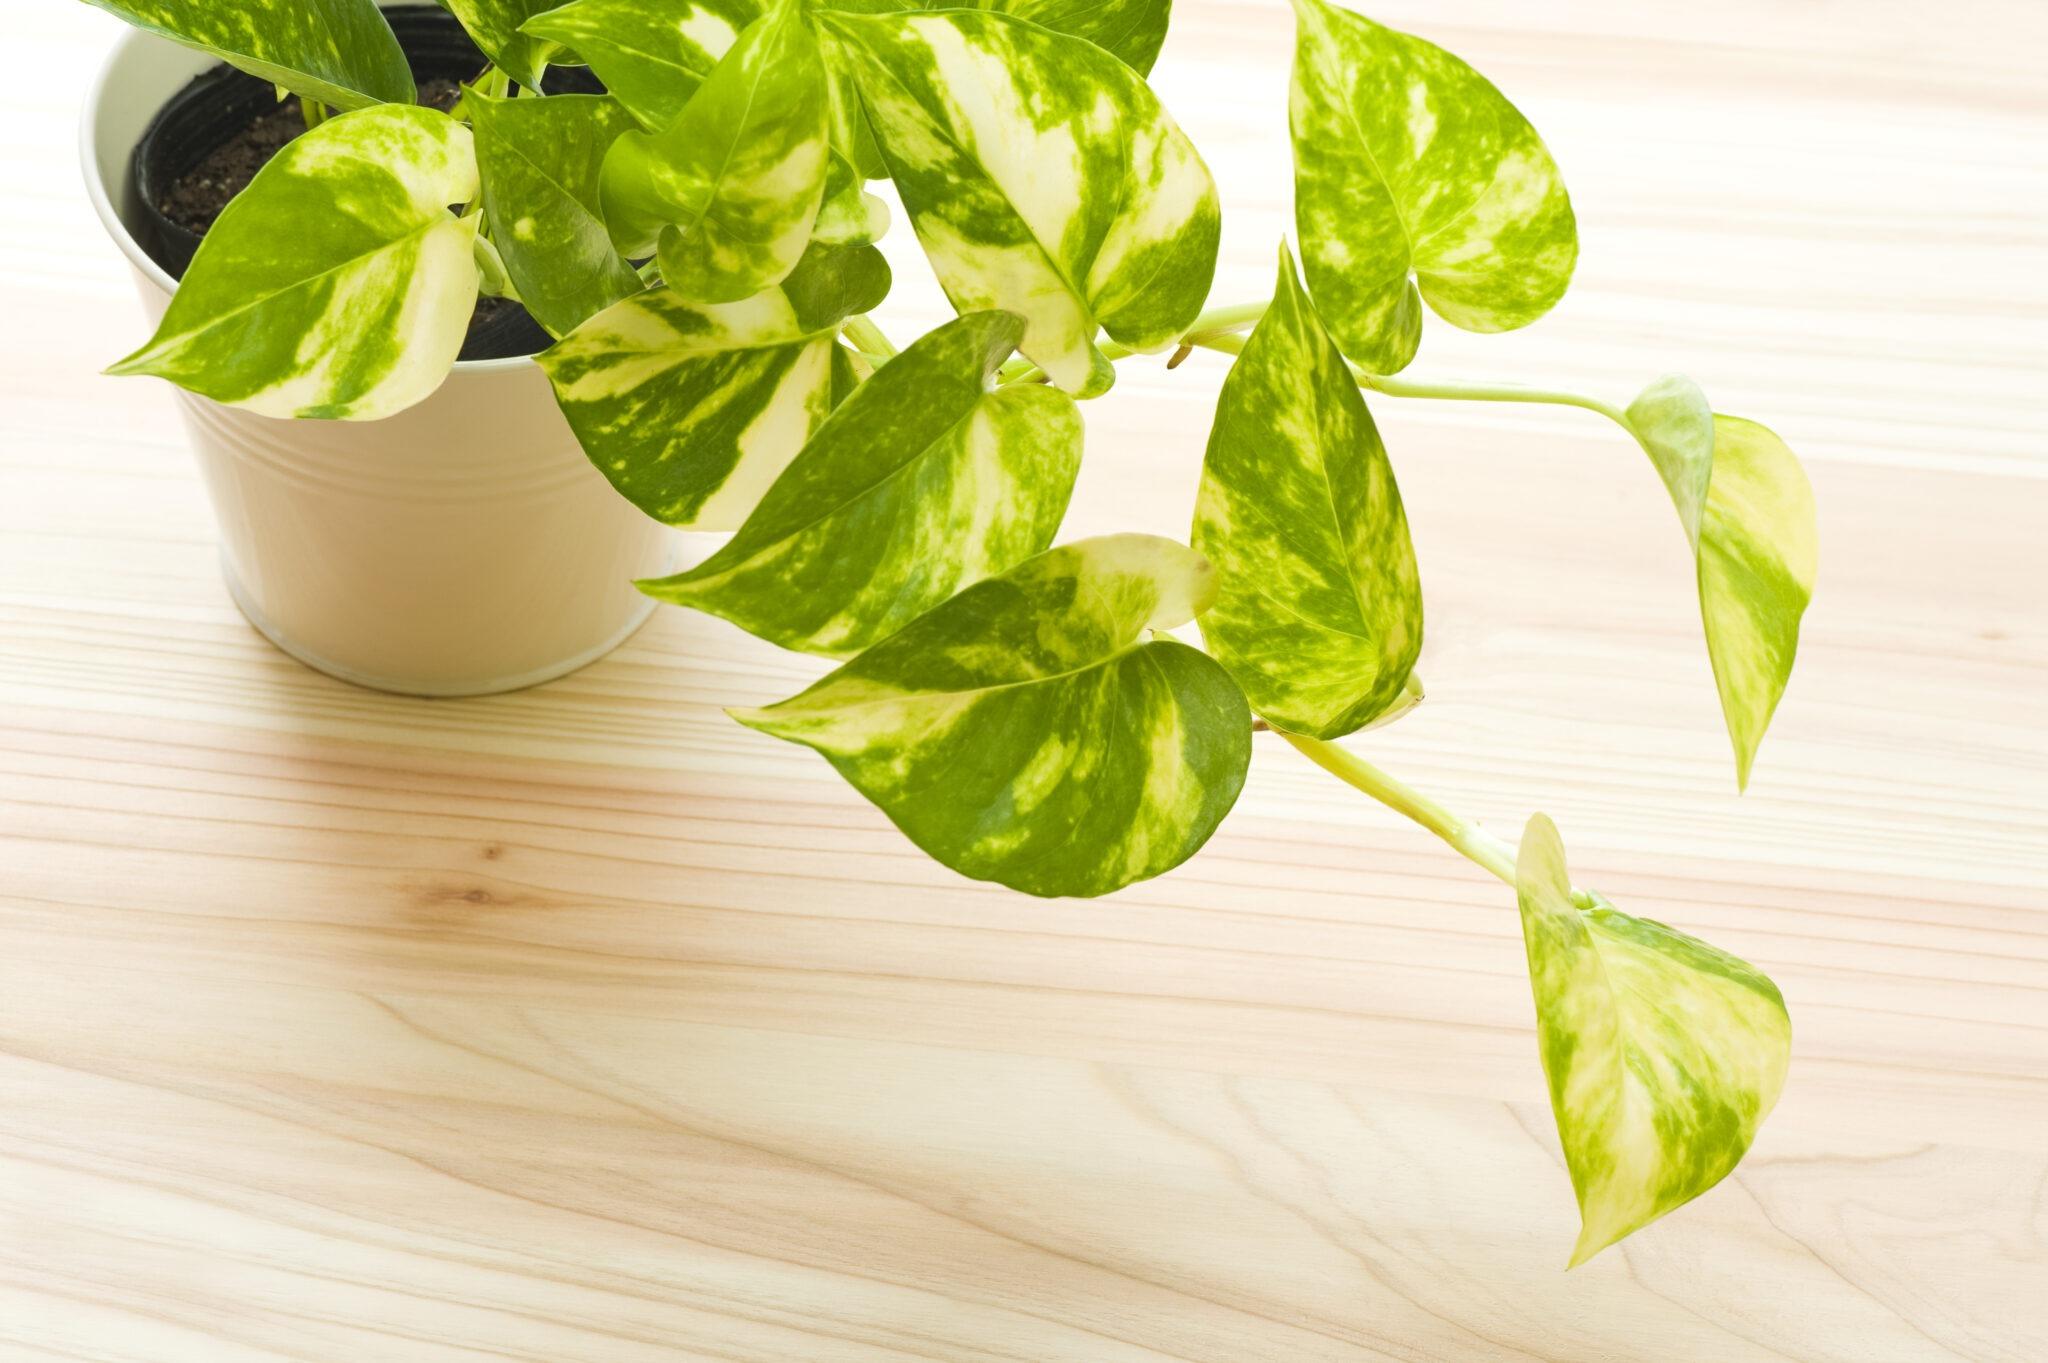 Pothos plant health benefits